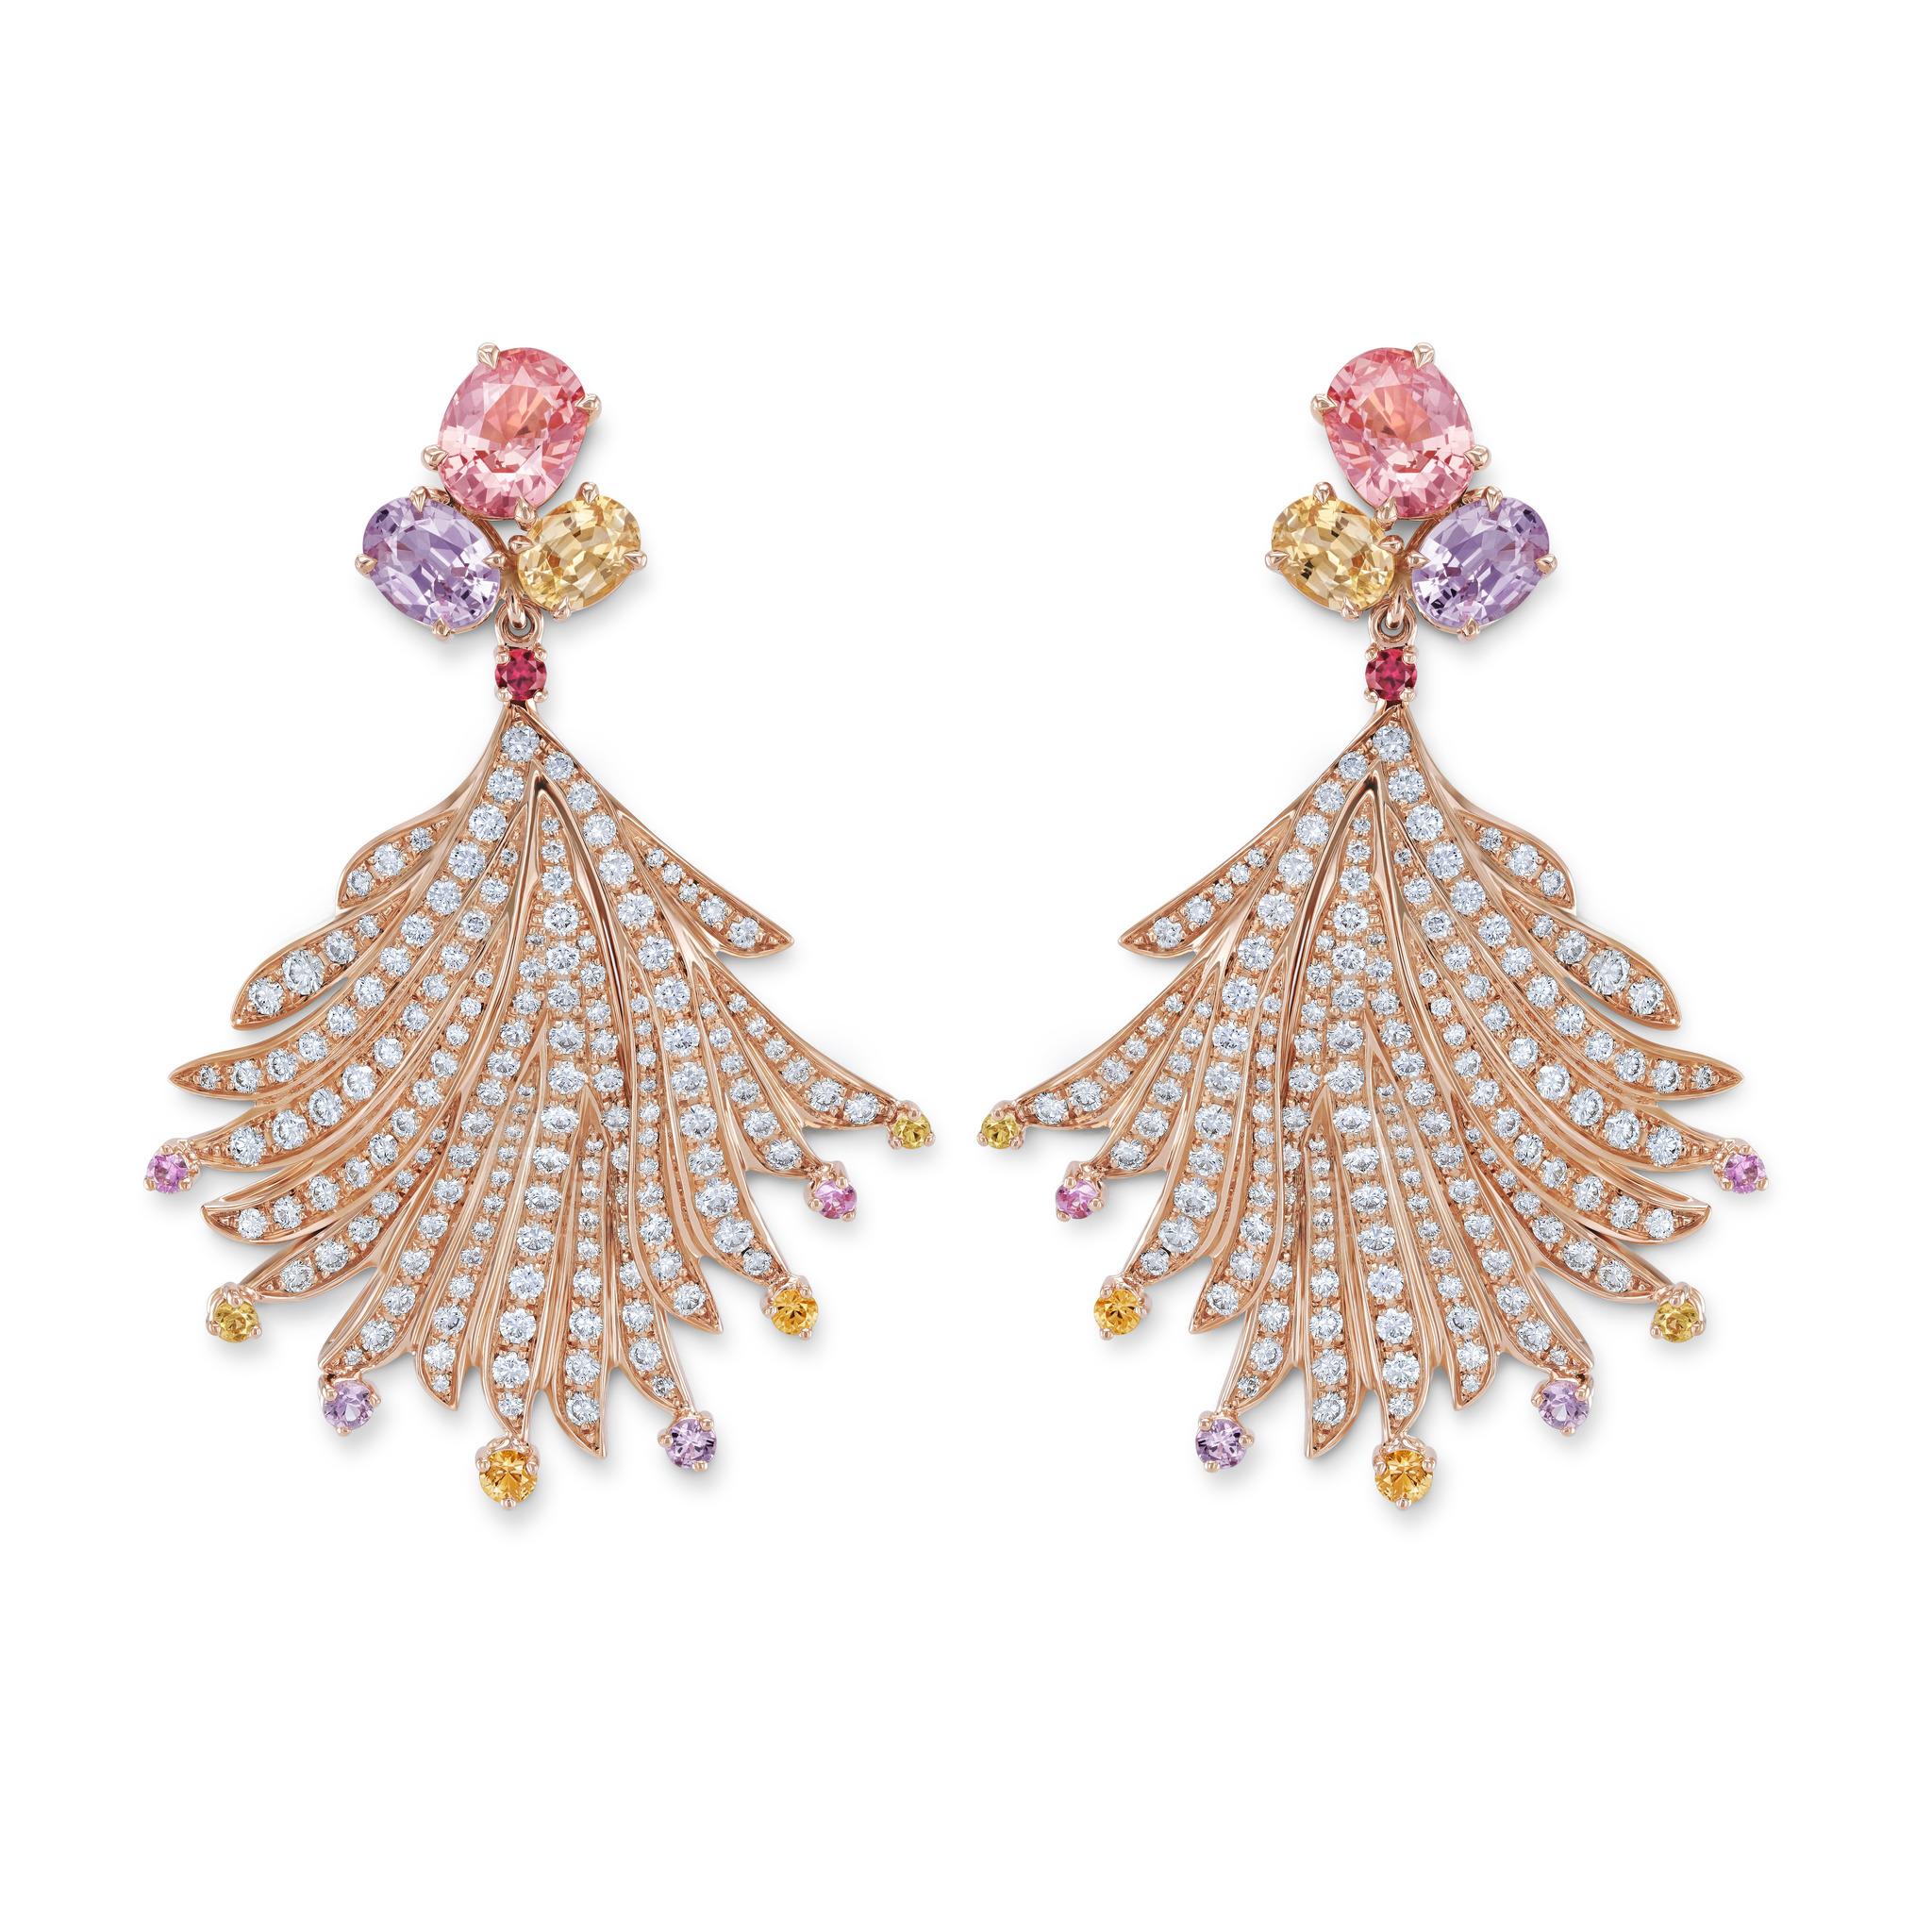 耳环镶嵌帕帕拉恰蓝宝石